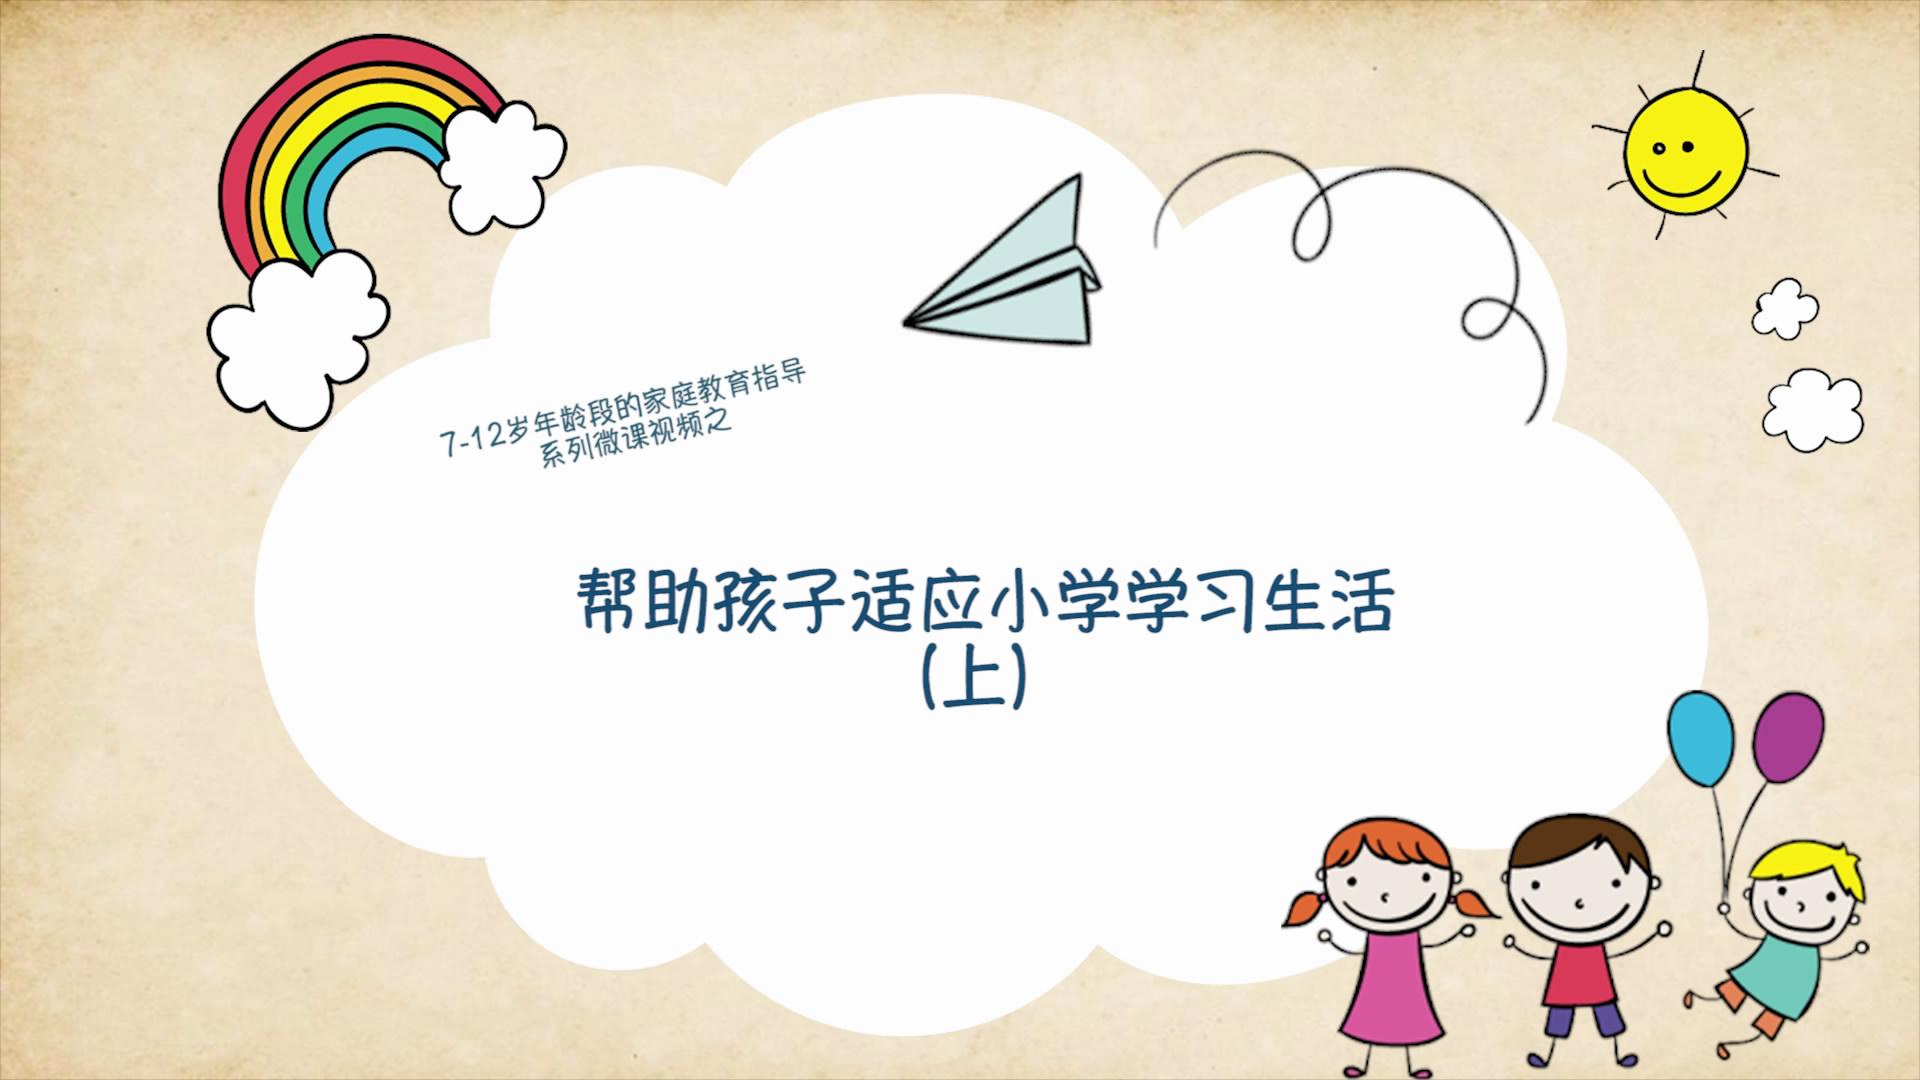 帮助孩子适应小学学习生活(上)